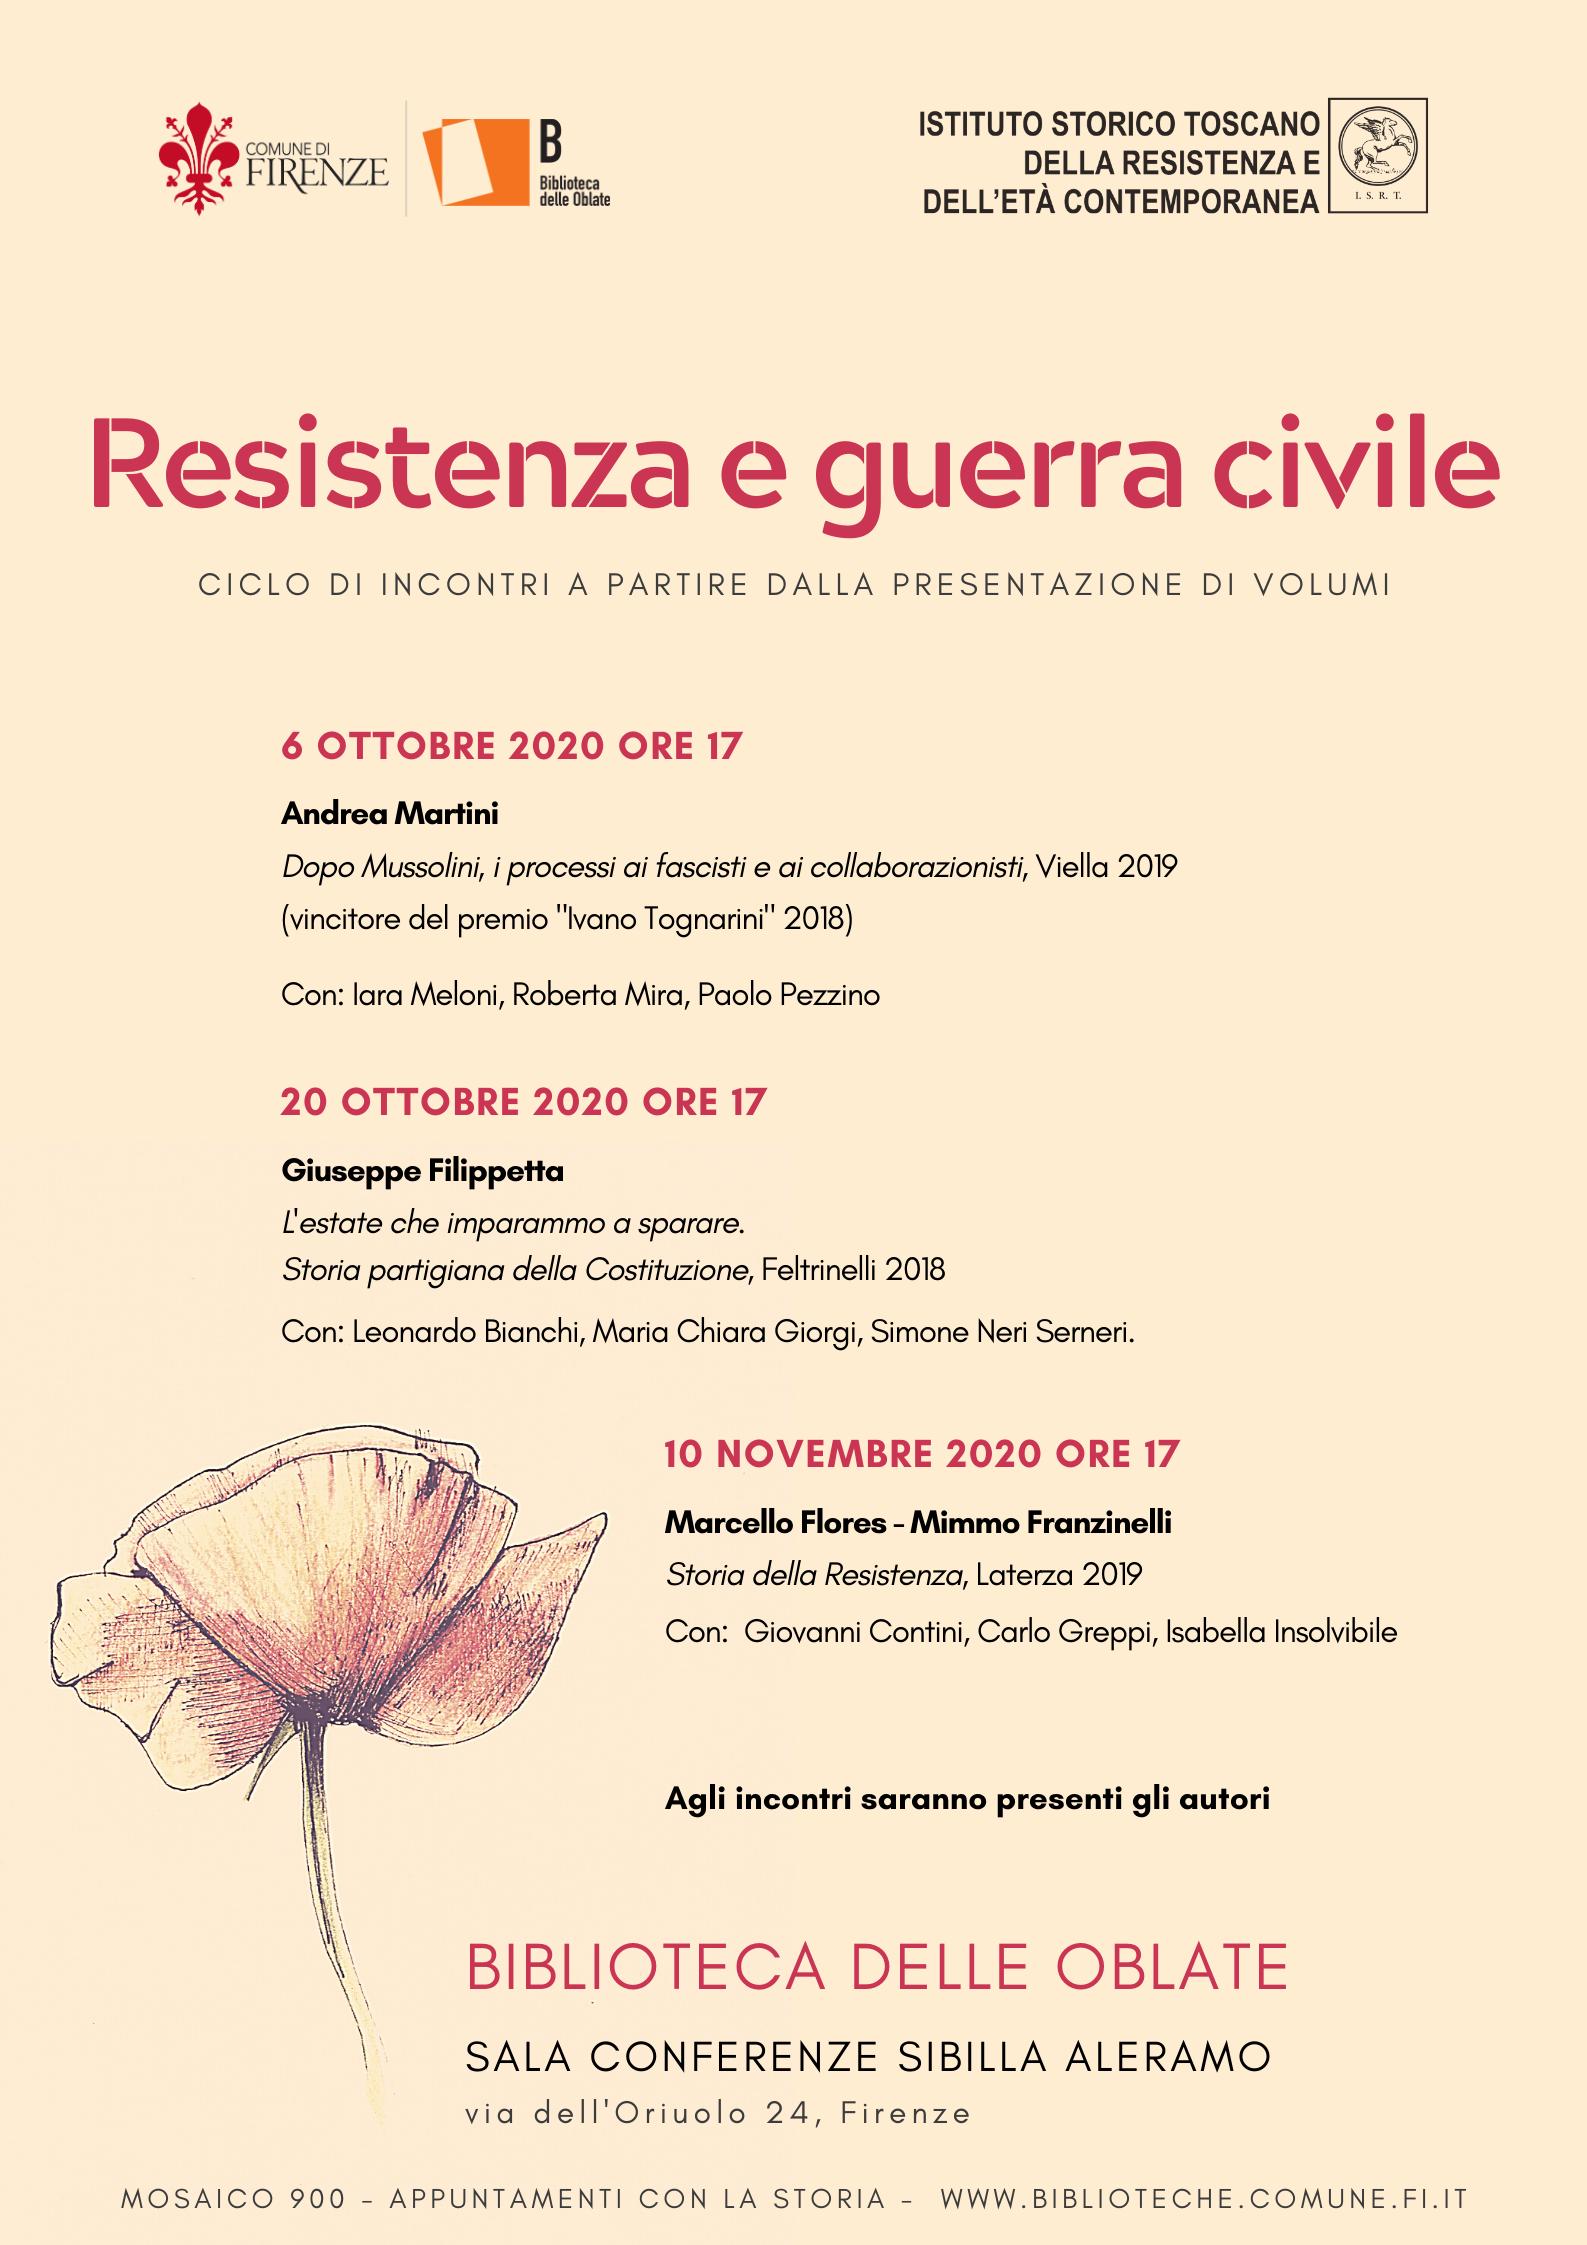 Resistenza e guerra civile